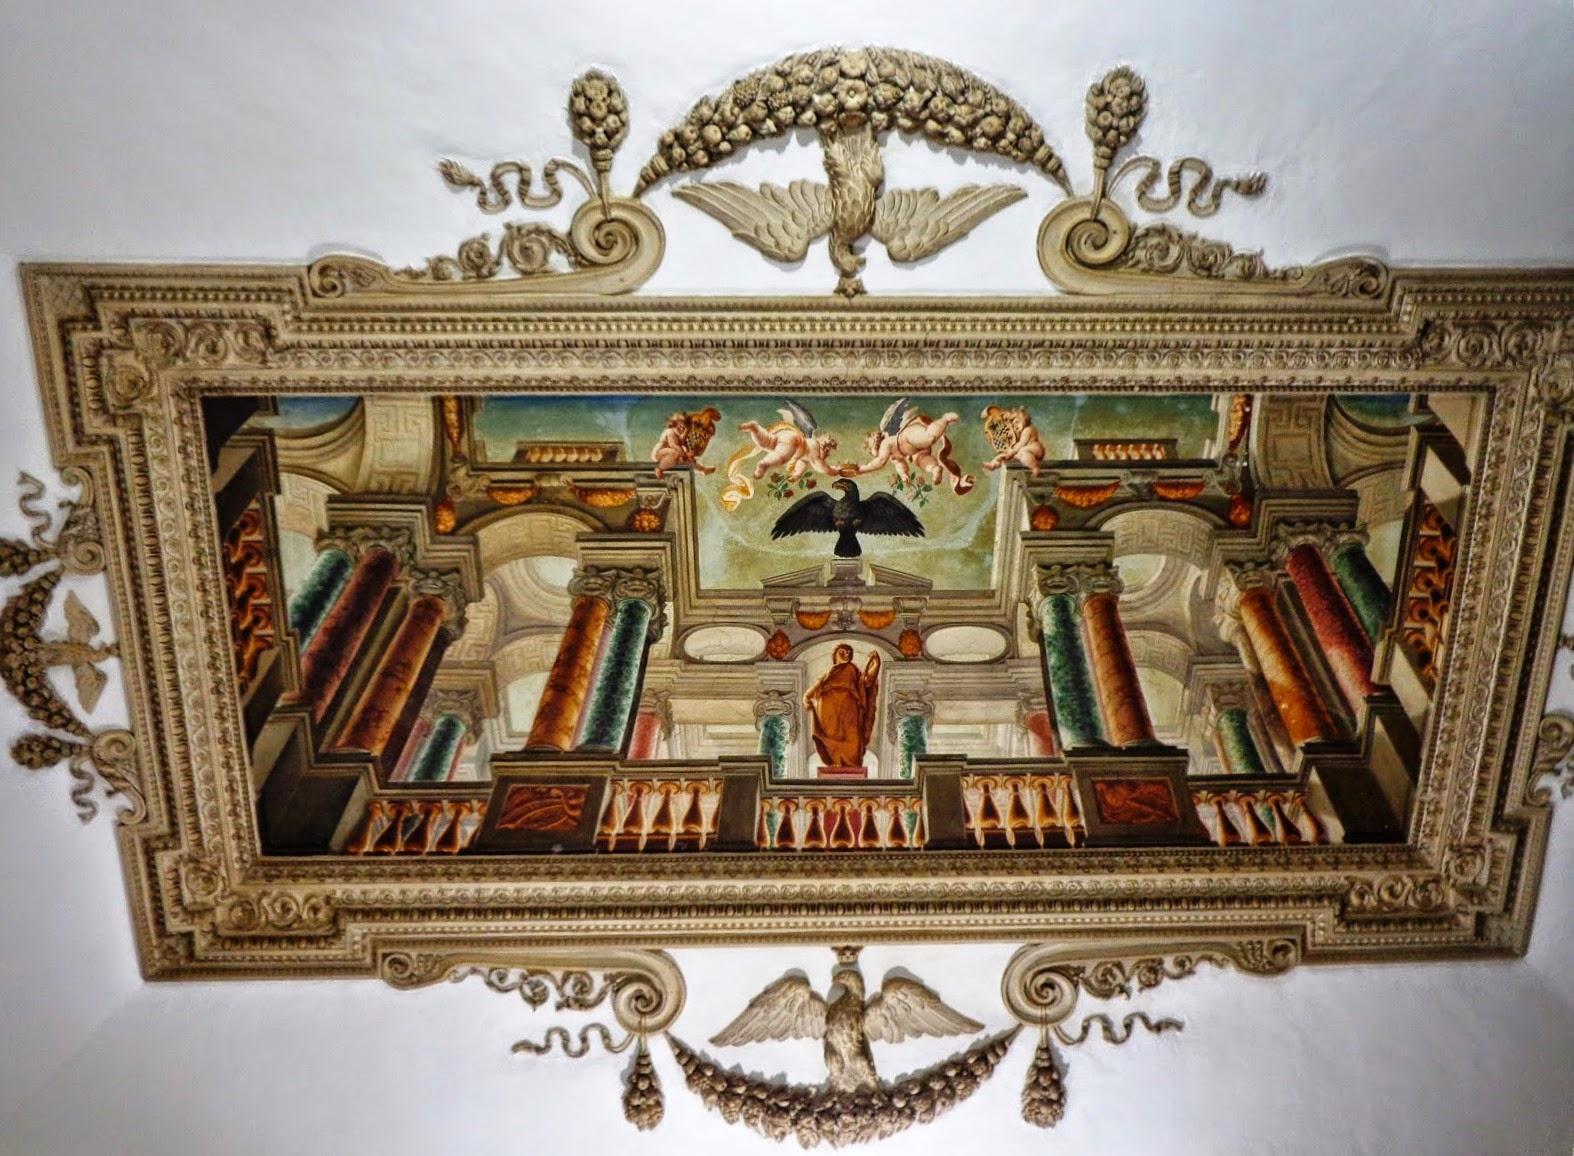 Afresco no teto do Palazzo Mattei di Giove. A águia foi acrescentada ao Brasão dos Mattei após o casamento de Asdrubale Mattei com Costanza Gonzaga di Novellara